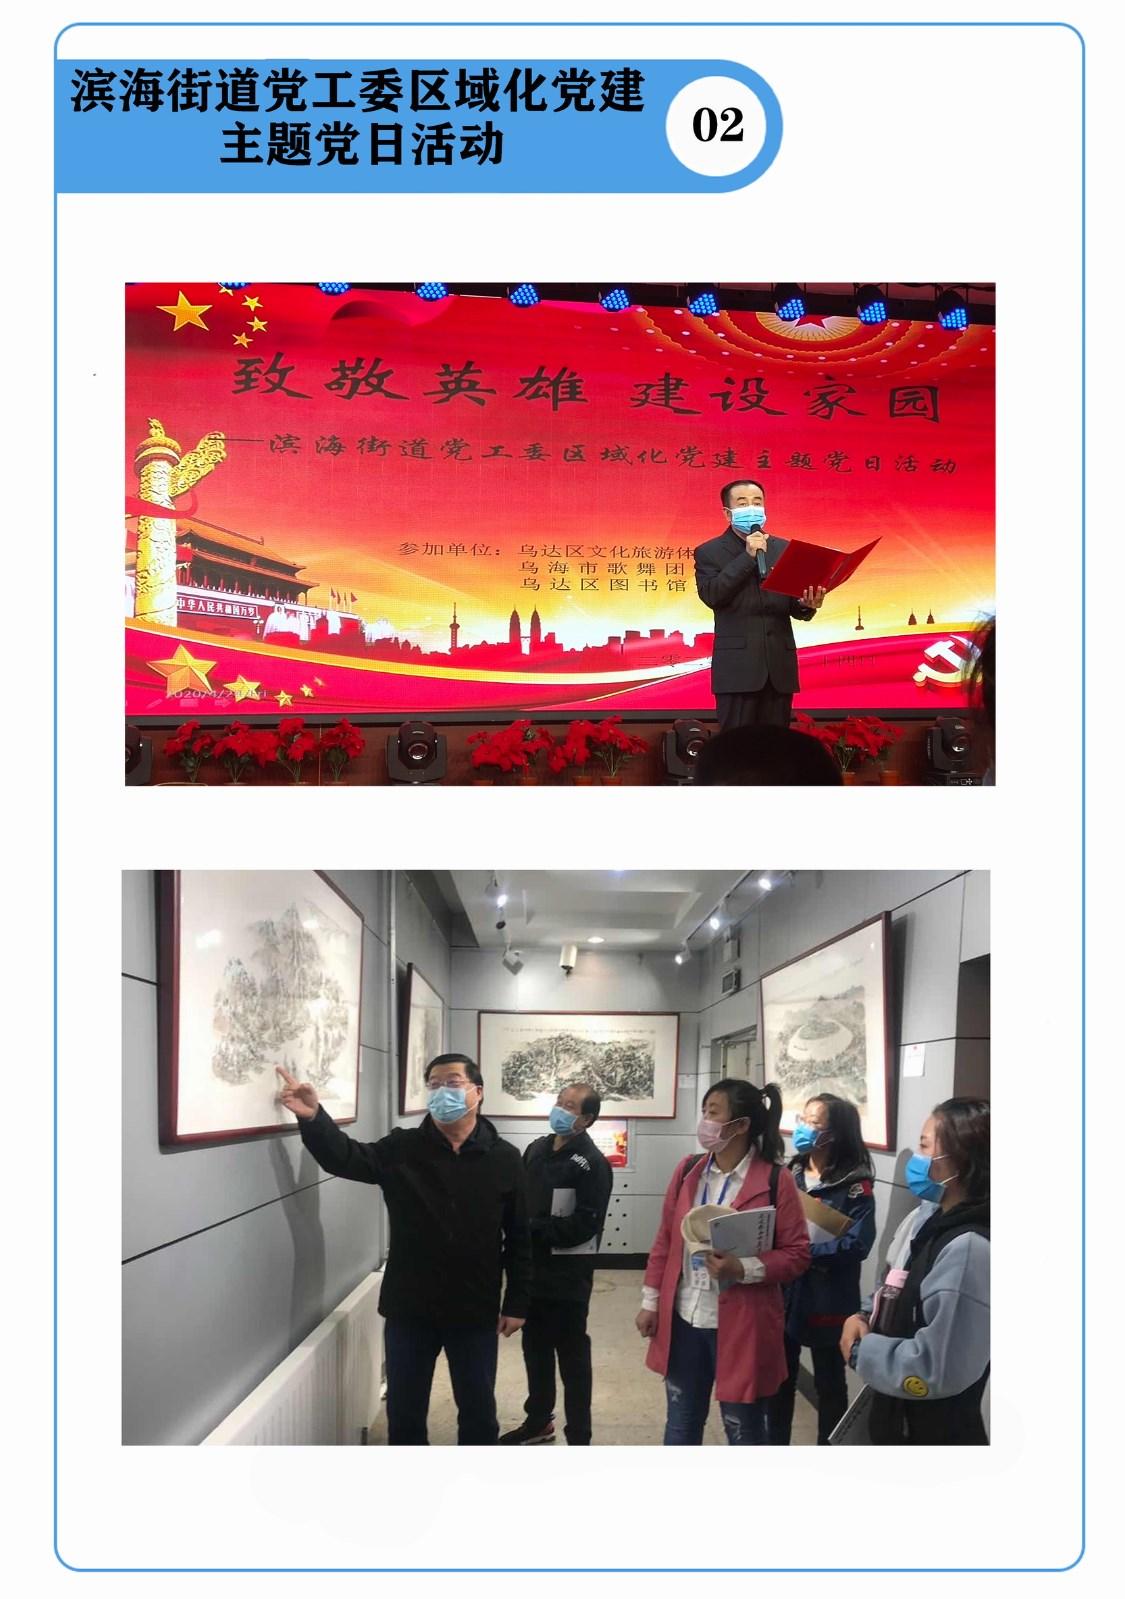 欢迎参观内蒙古乌海市乌达区图书馆_图1-5